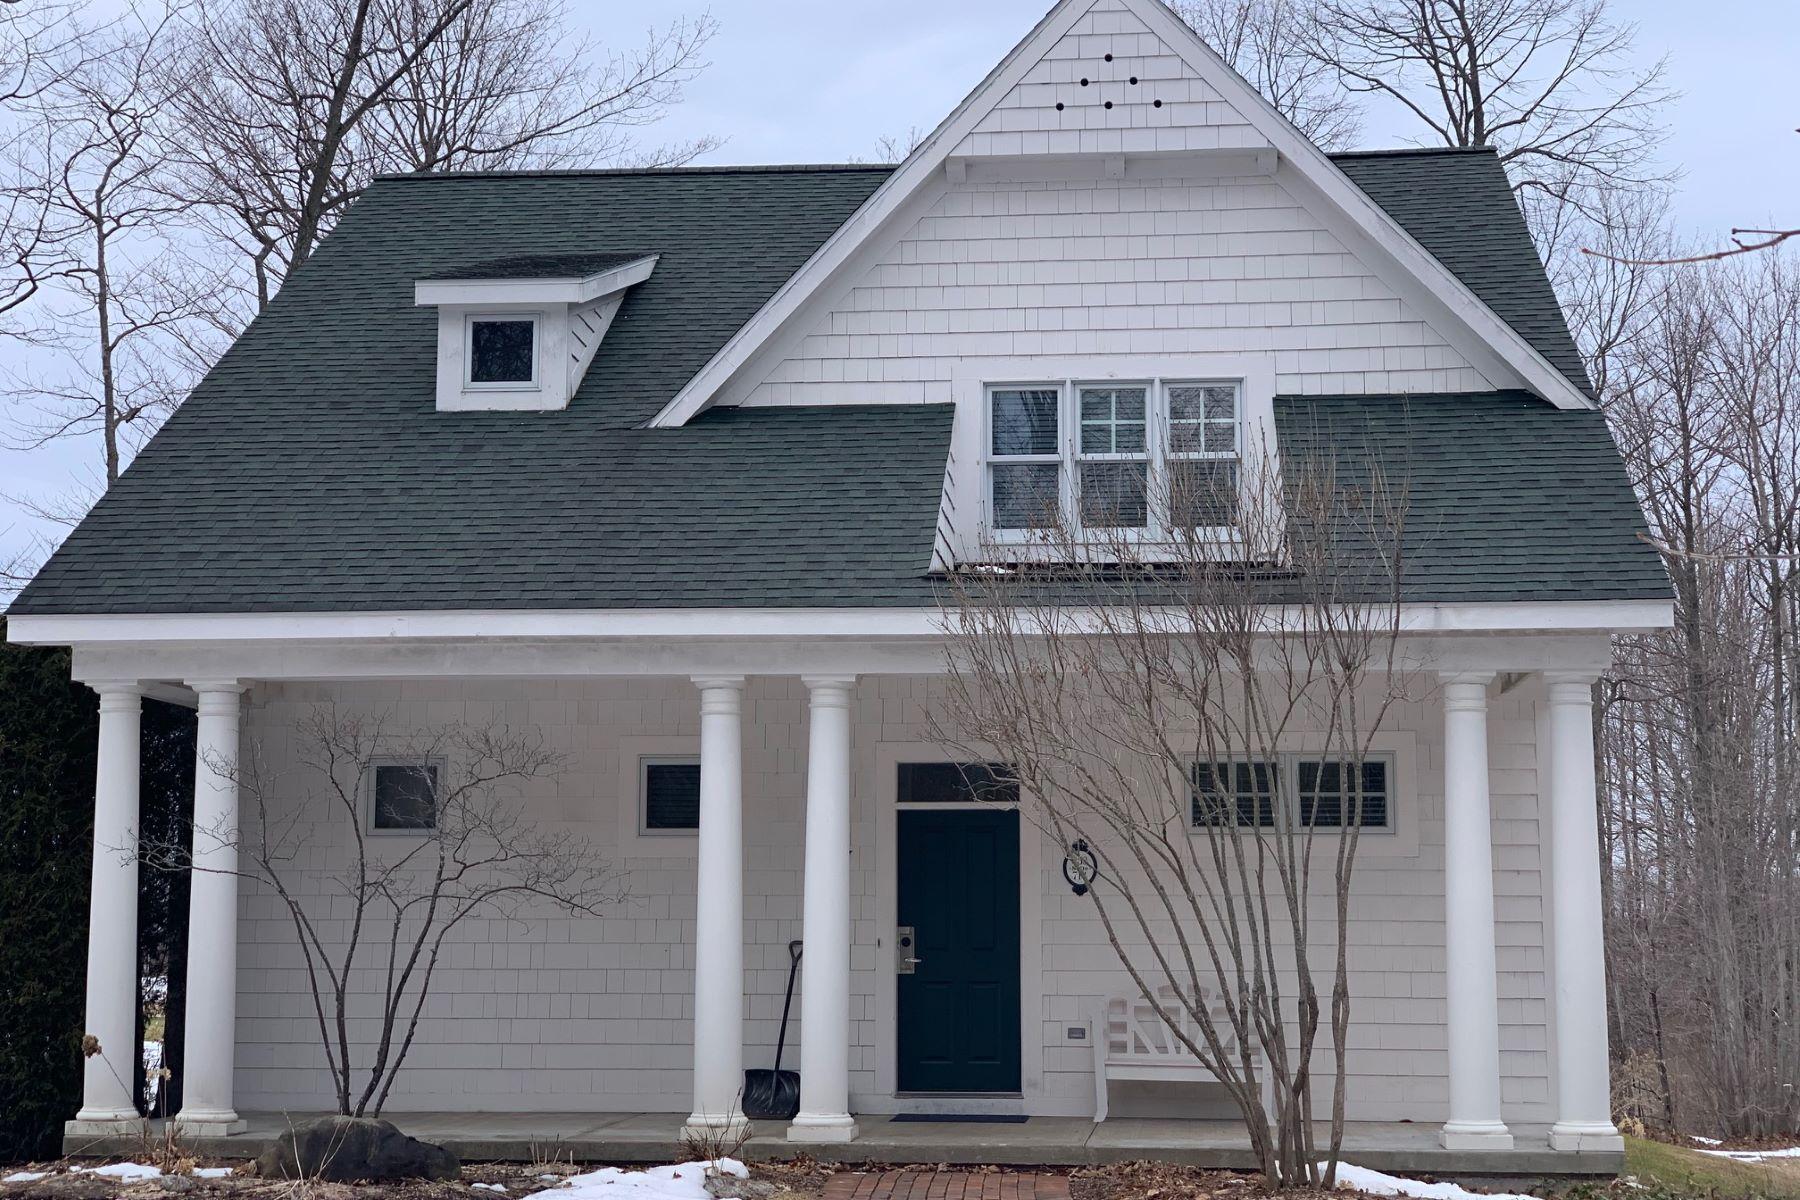 Condominiums para Venda às Condo at the Cottages at Crooked Tree Golf Club 853 Crooked Tree, Petoskey, Michigan 49770 Estados Unidos